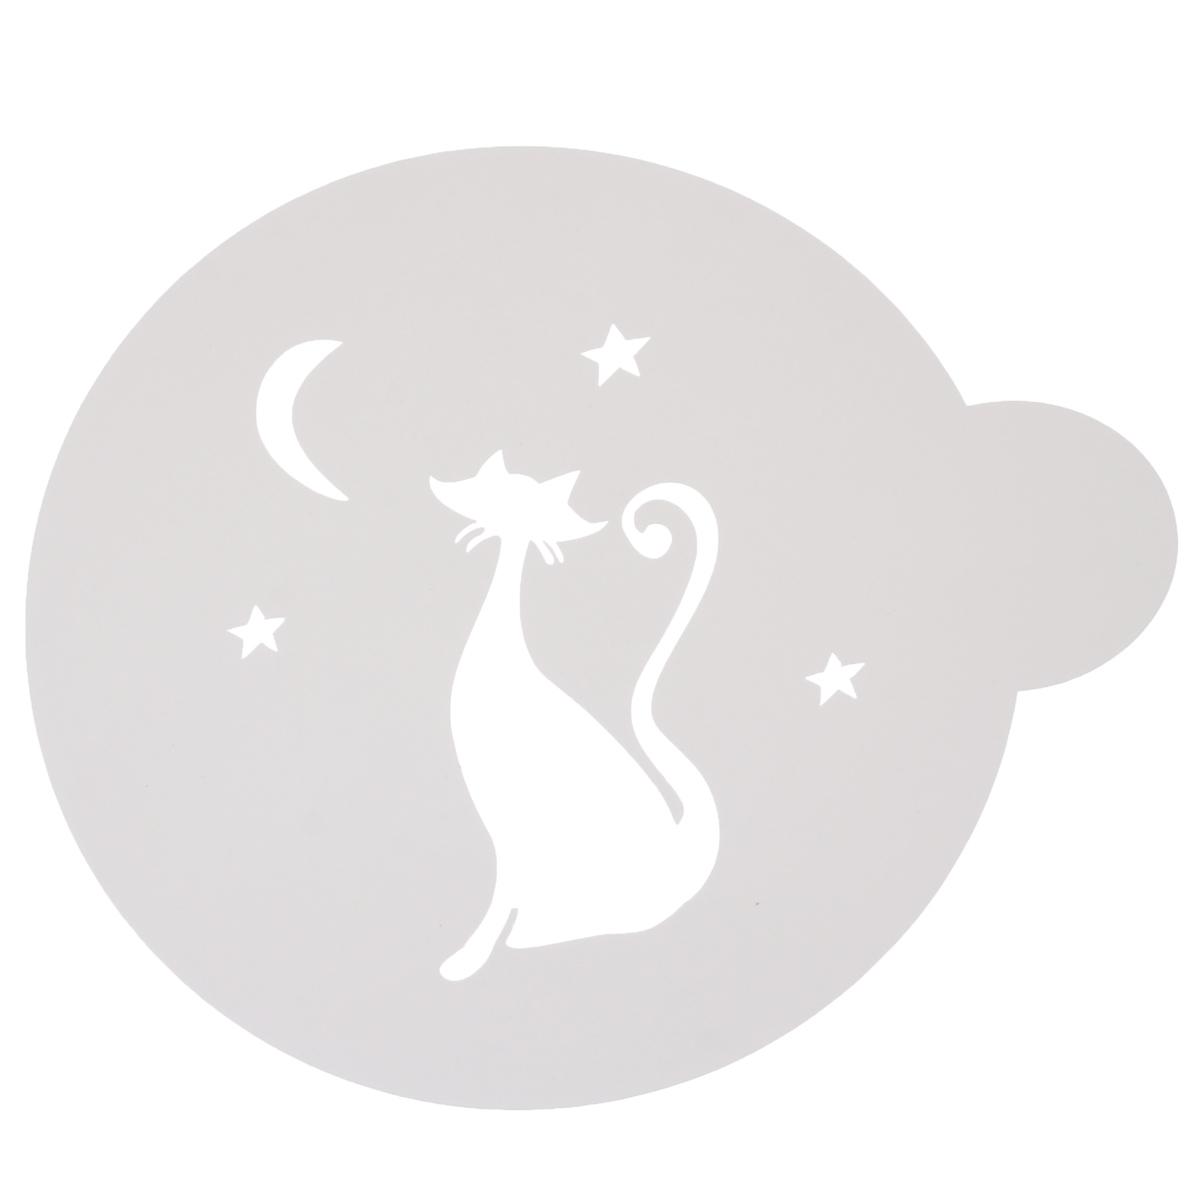 Трафарет на кофе и десерты Кошечка, цвет: белый, диаметр 10 см трафарет на кофе и десерты леденцовая фабрика кошка с рыбой диаметр 10 см